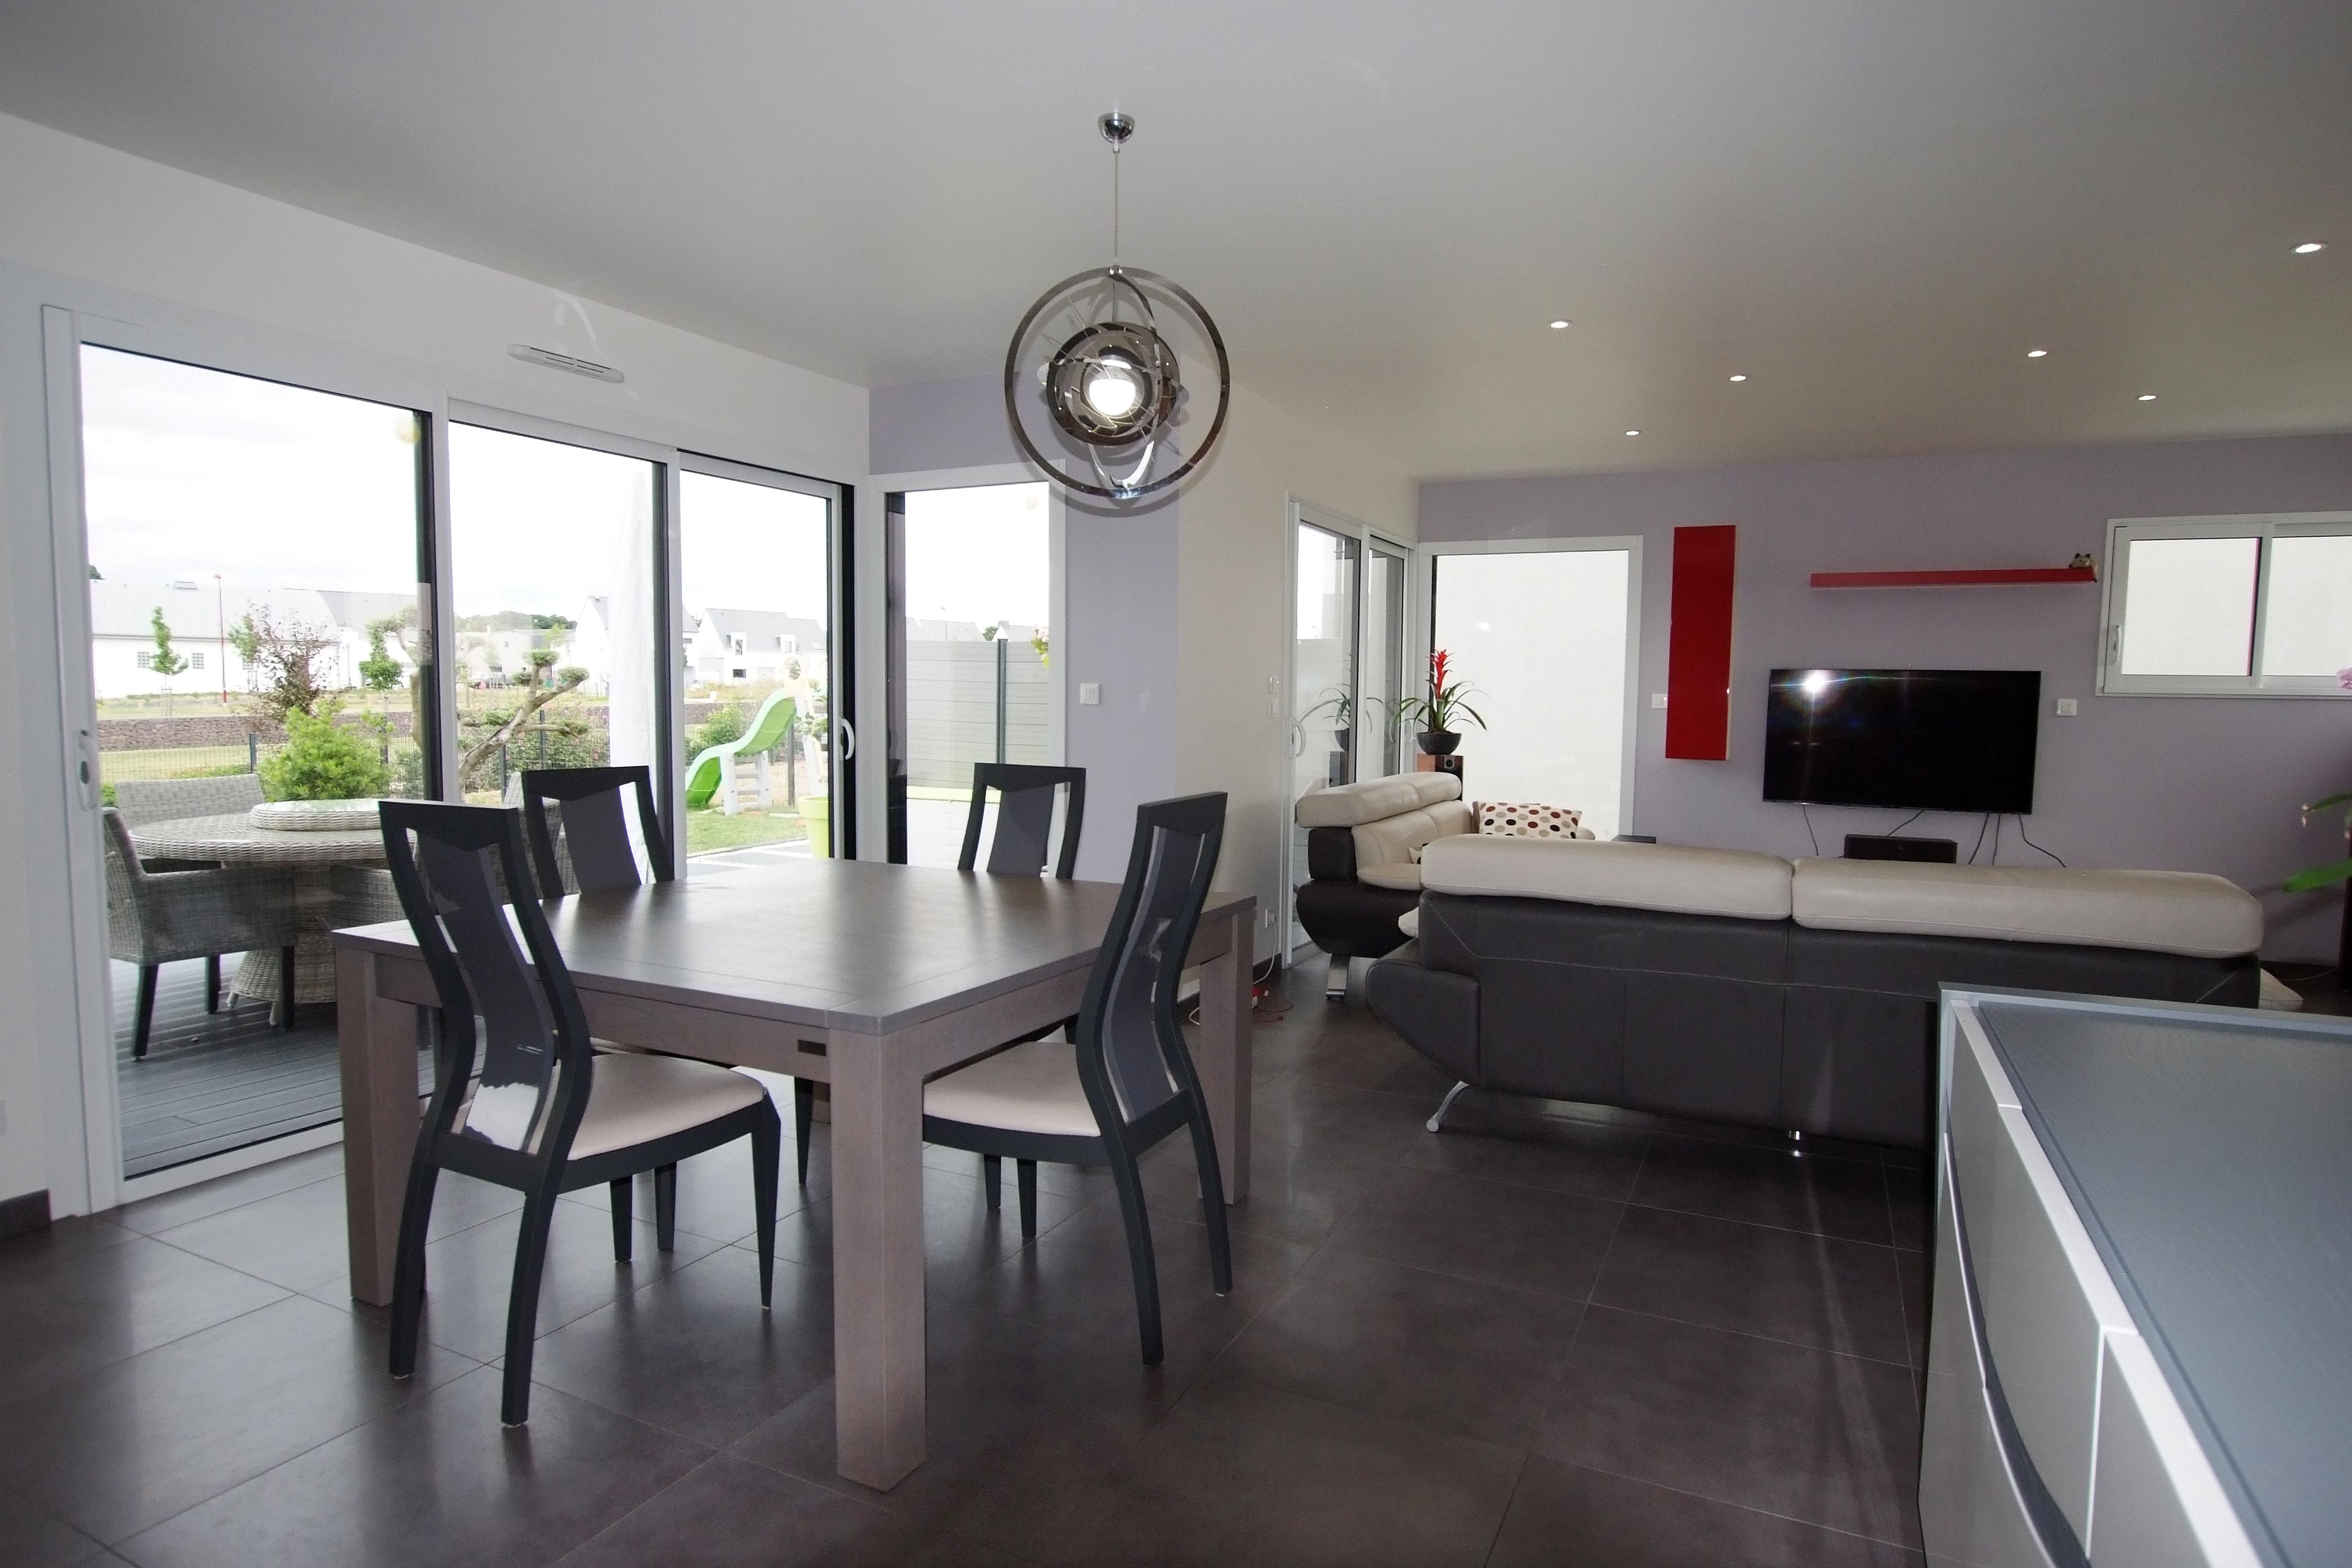 maison monopente toit plat saint gilles. Black Bedroom Furniture Sets. Home Design Ideas